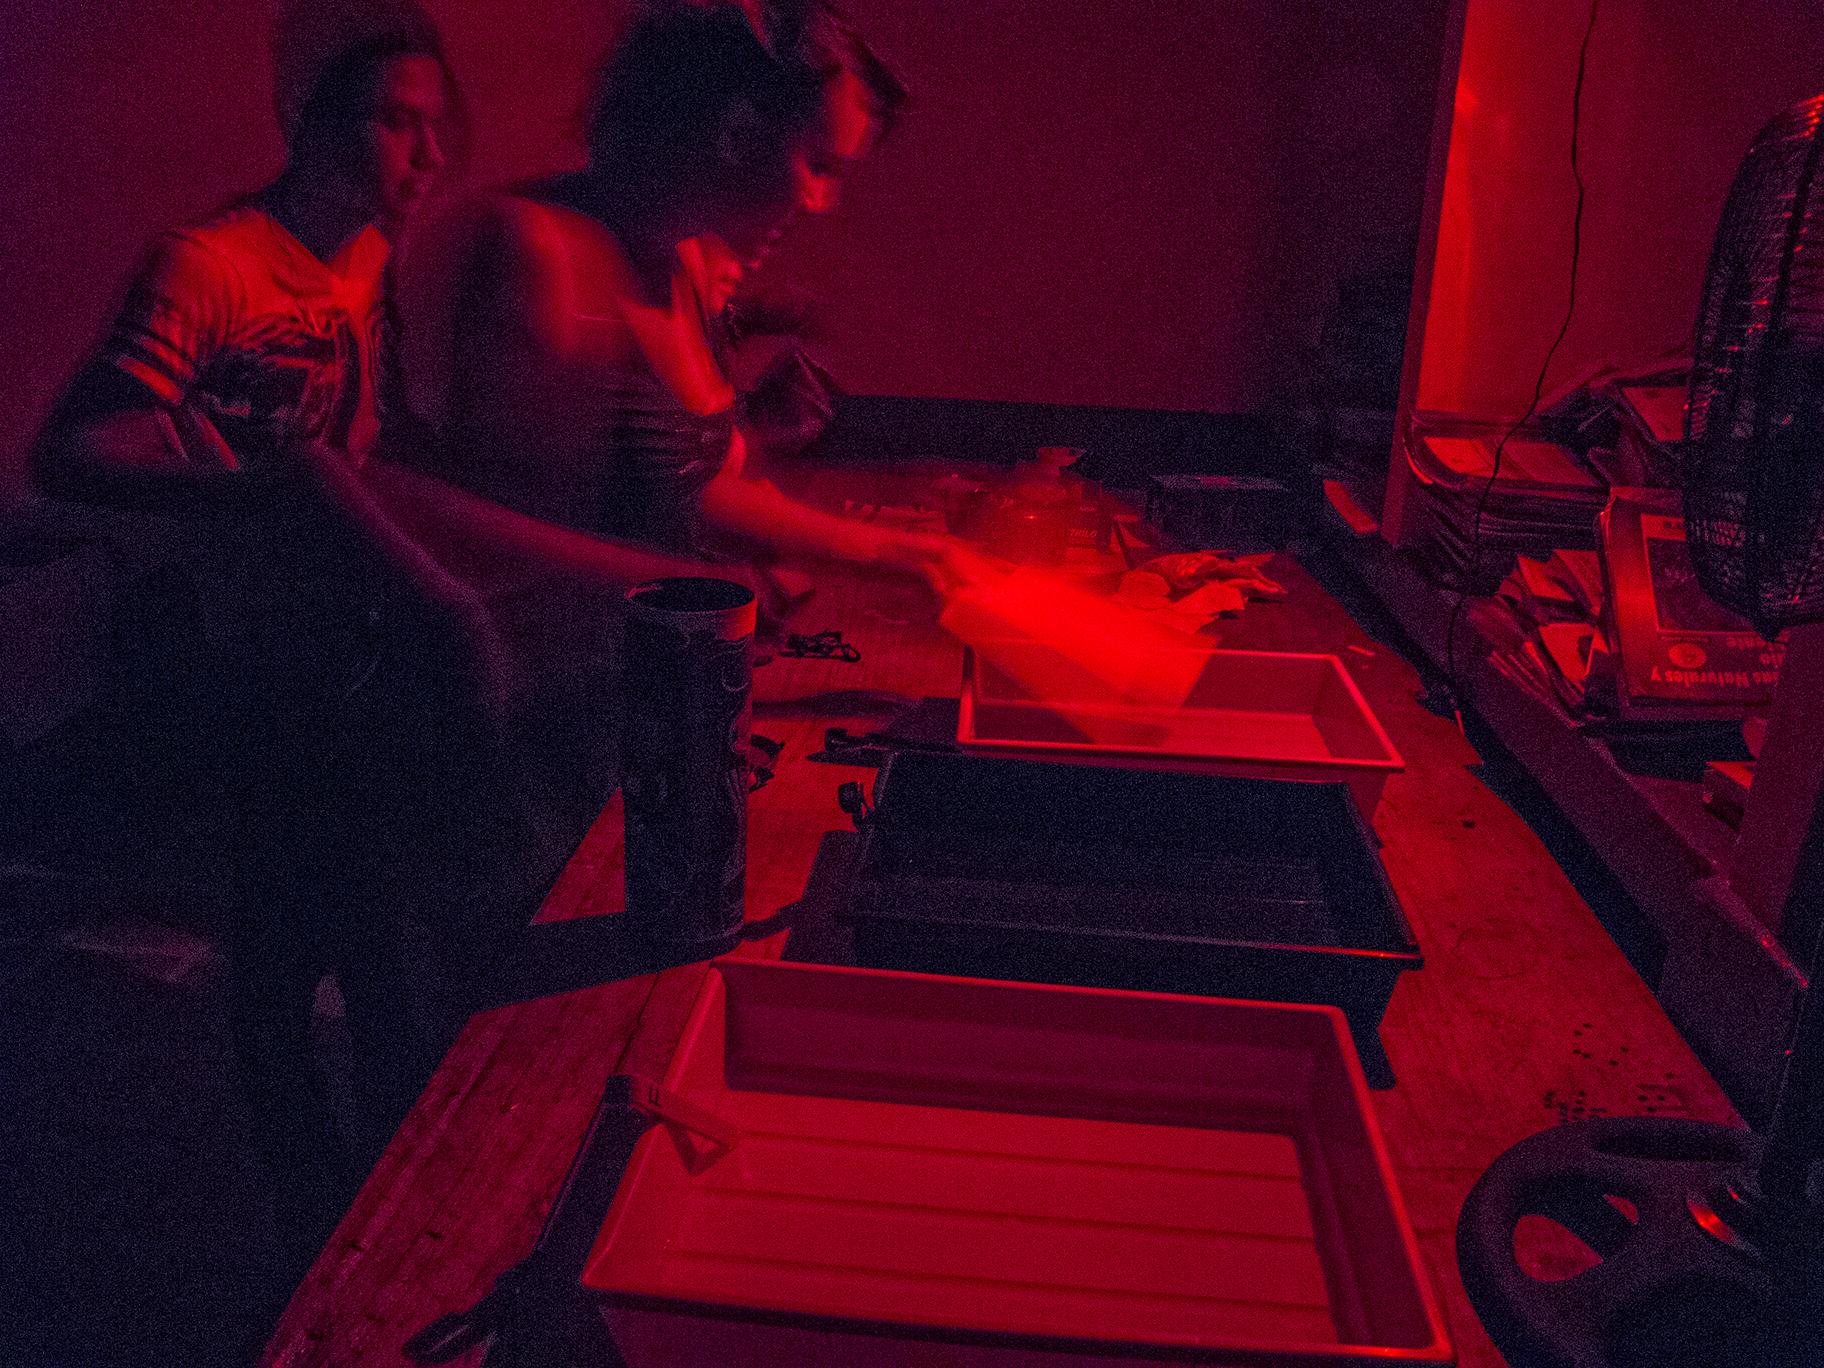 cuarto oscuro 001.jpg